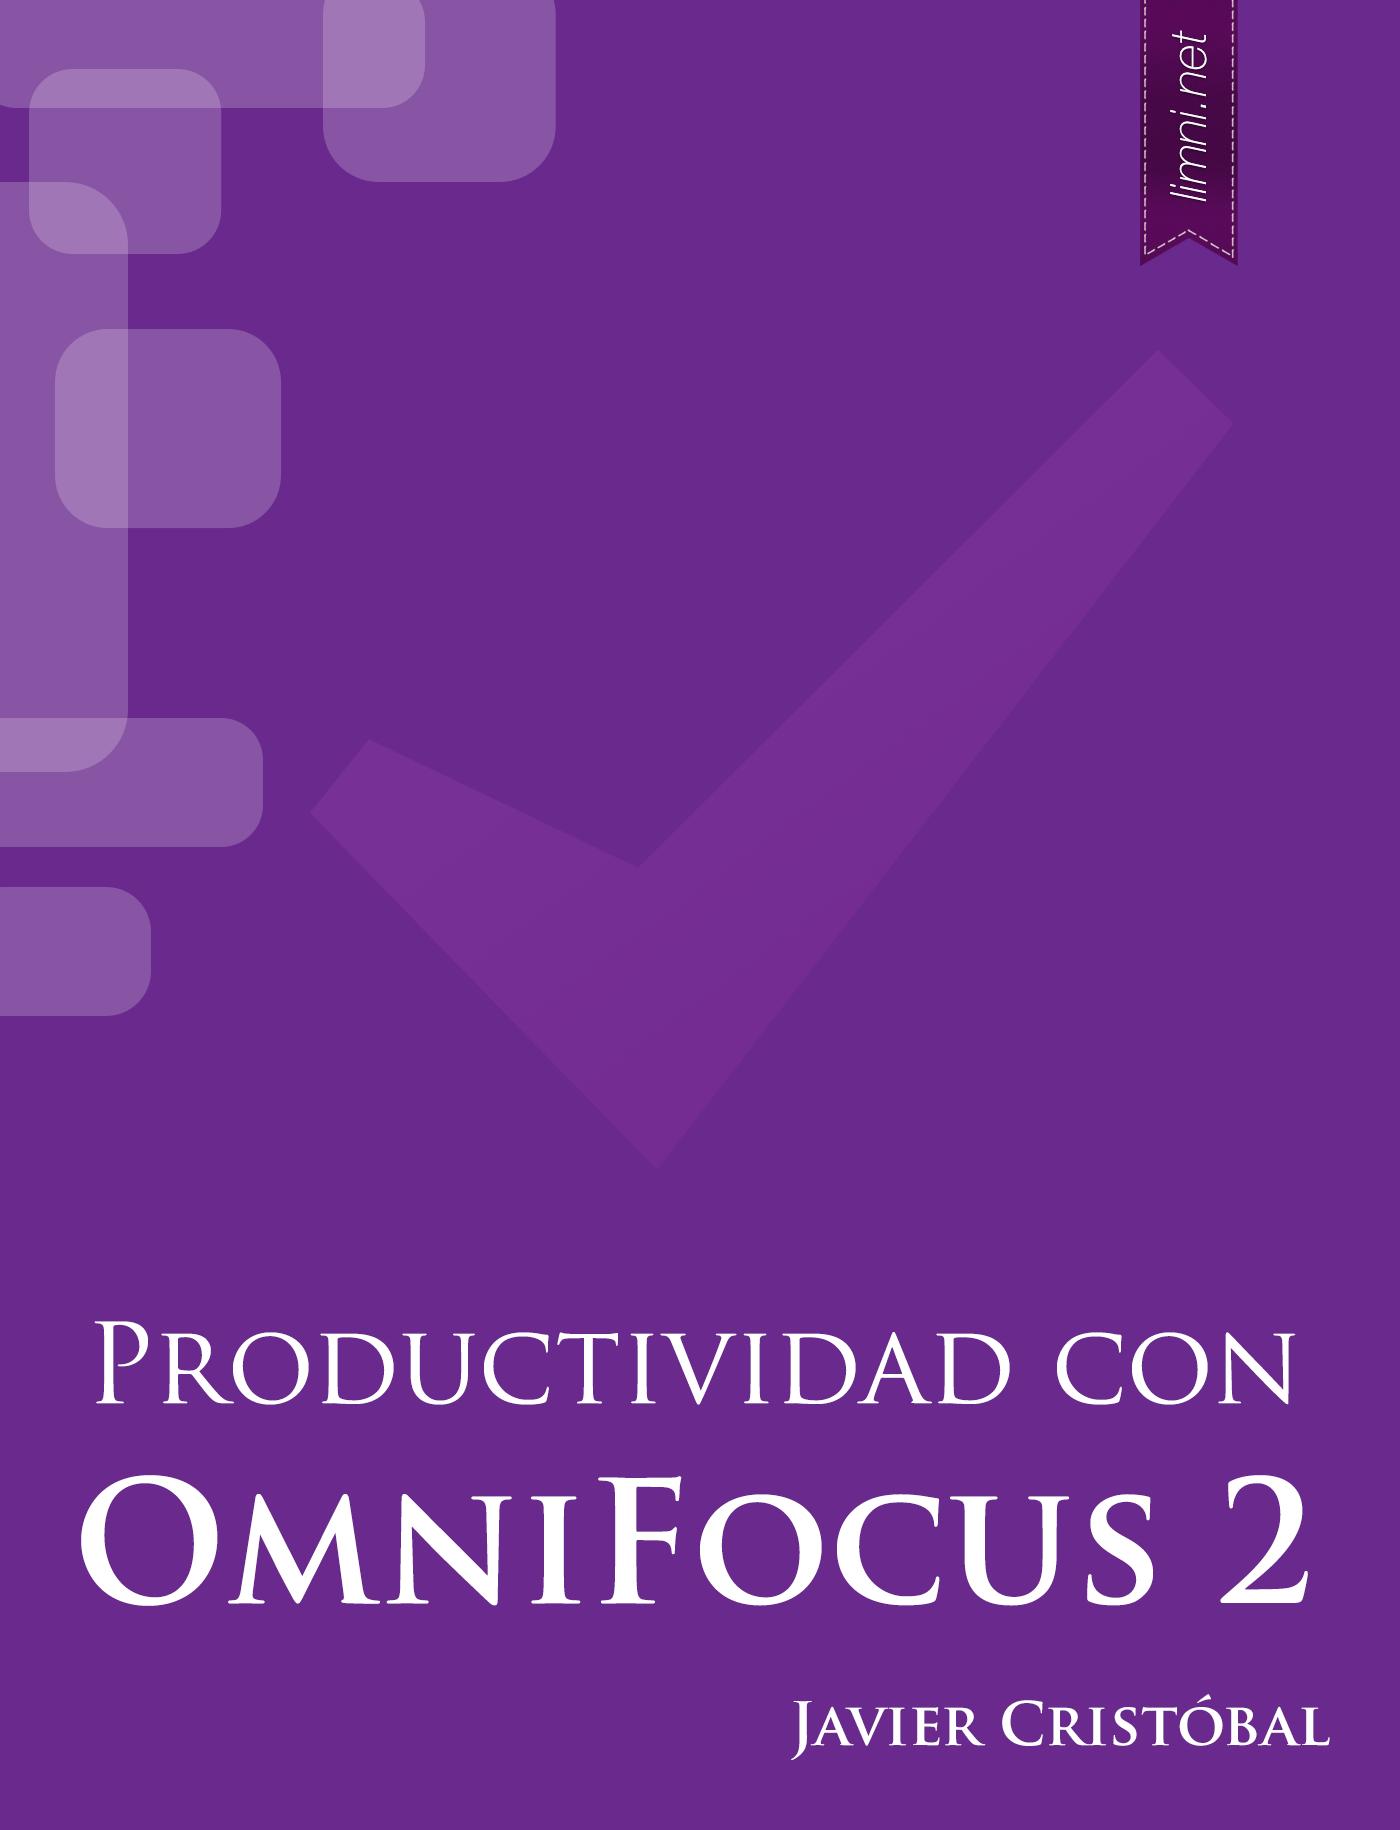 Productividad con OmniFocus 2 - iBooks Store